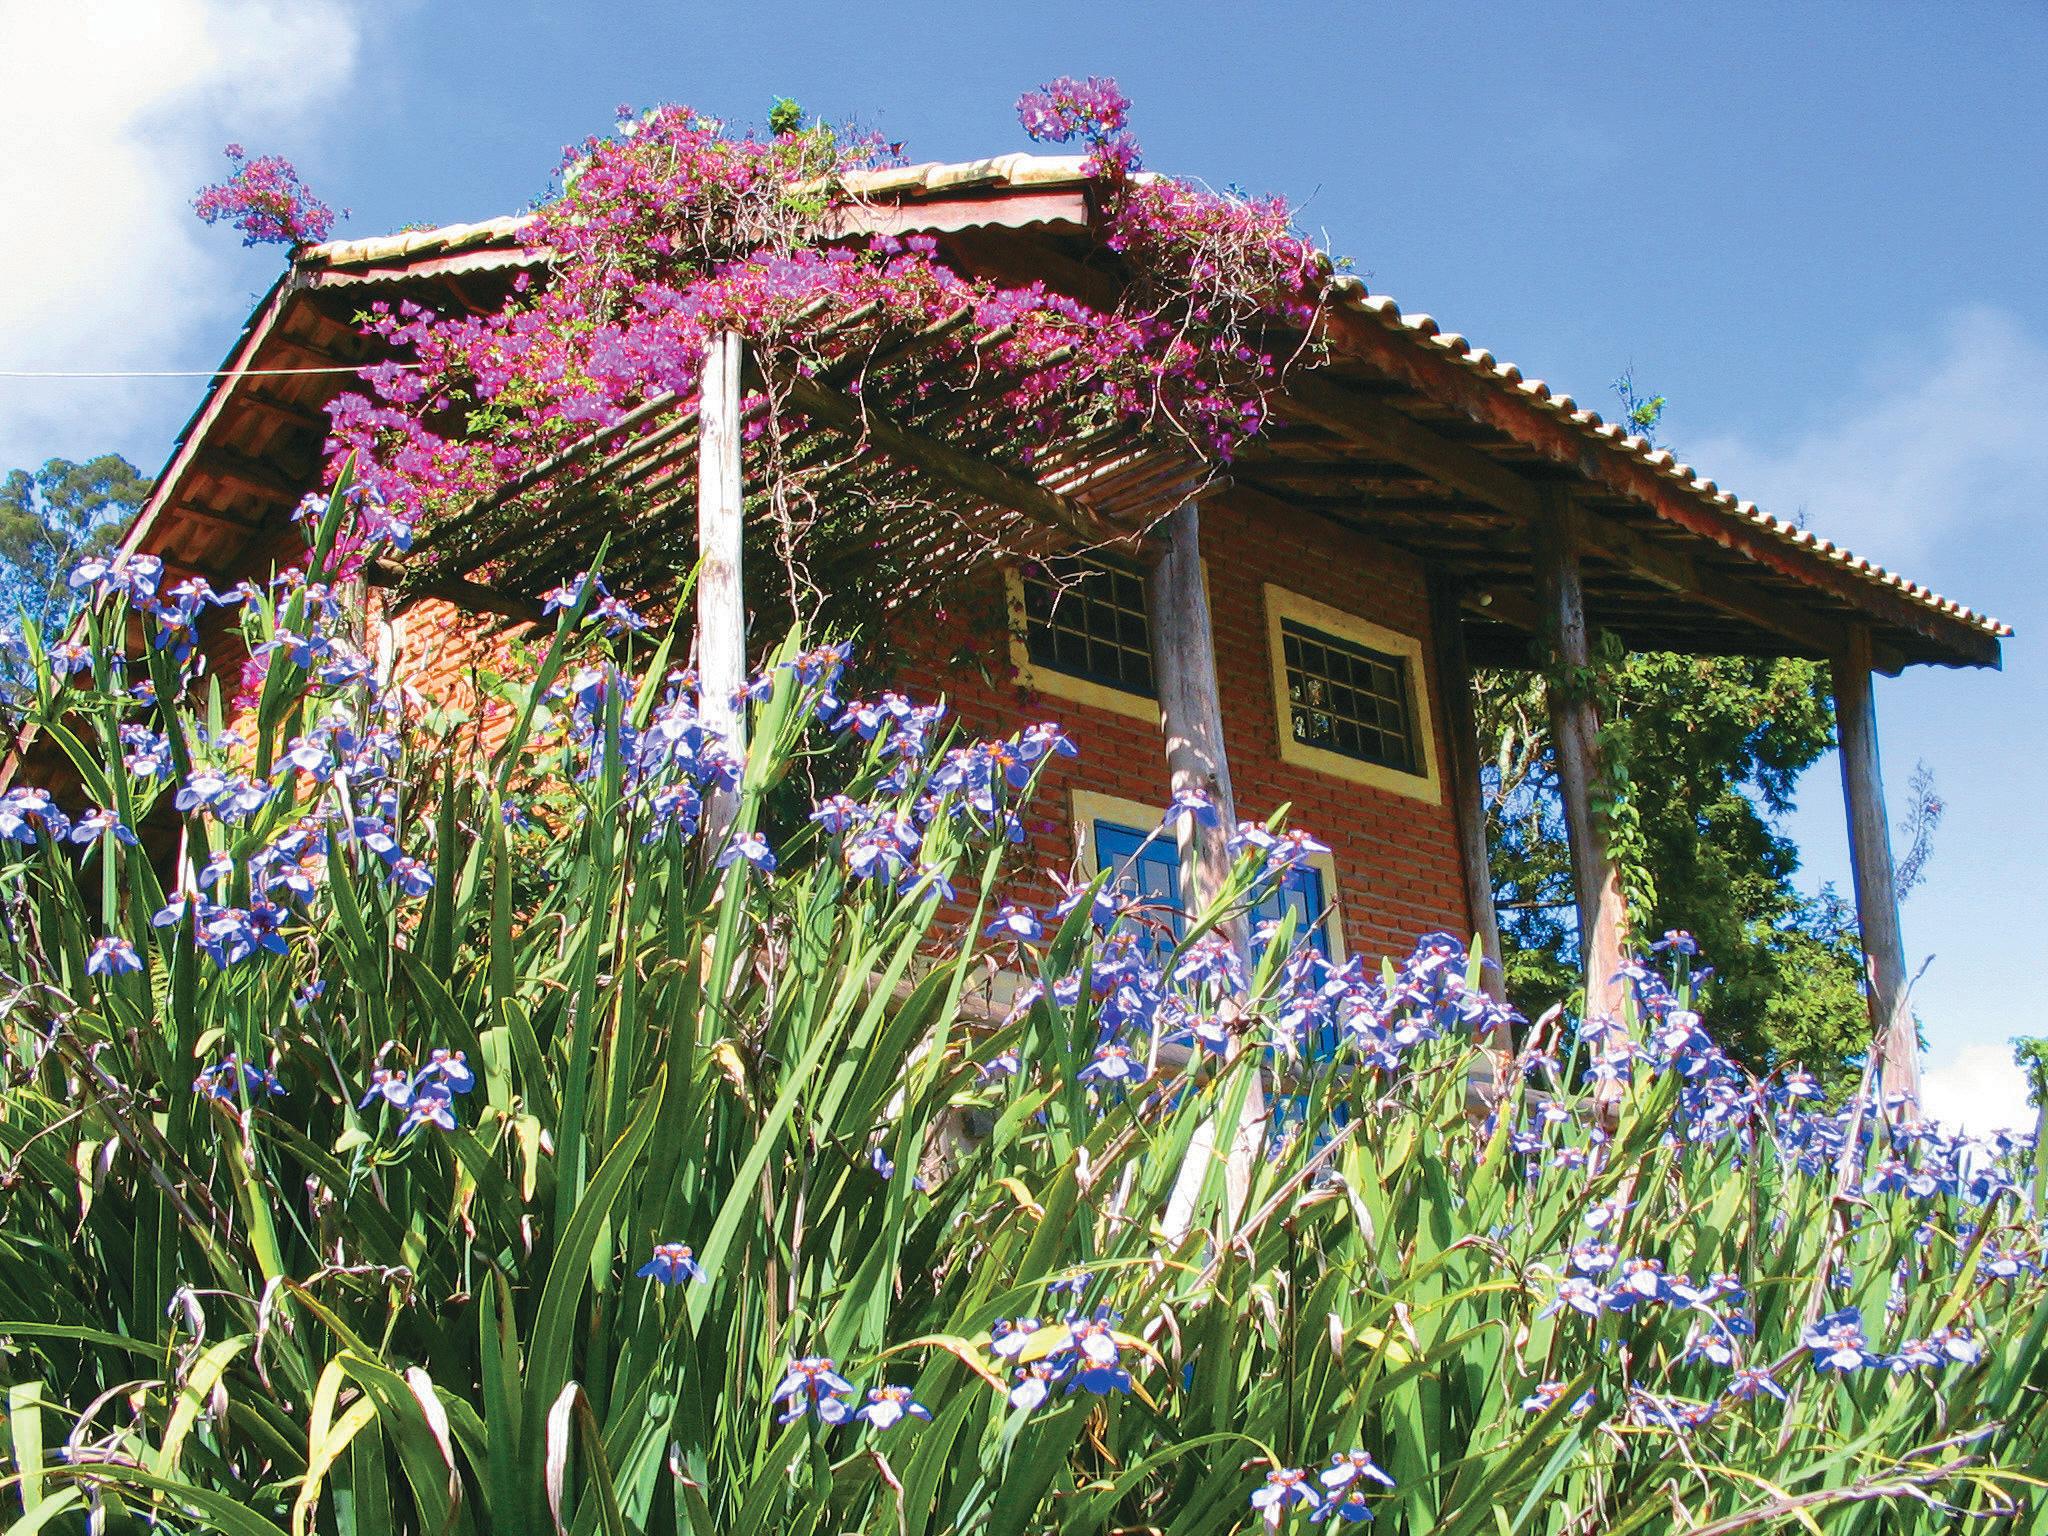 Bangalô do Hotel Pousada do Muxarabi. em Extrema, Minas Gerais